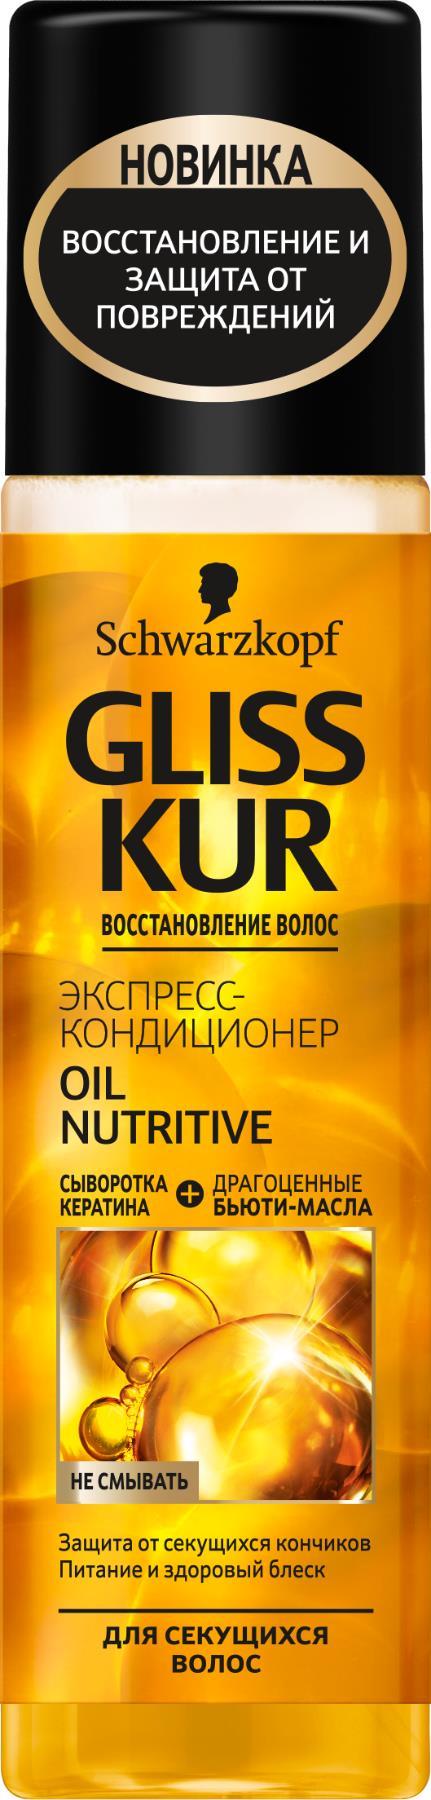 Gliss Kur Экспресс-кондиционер